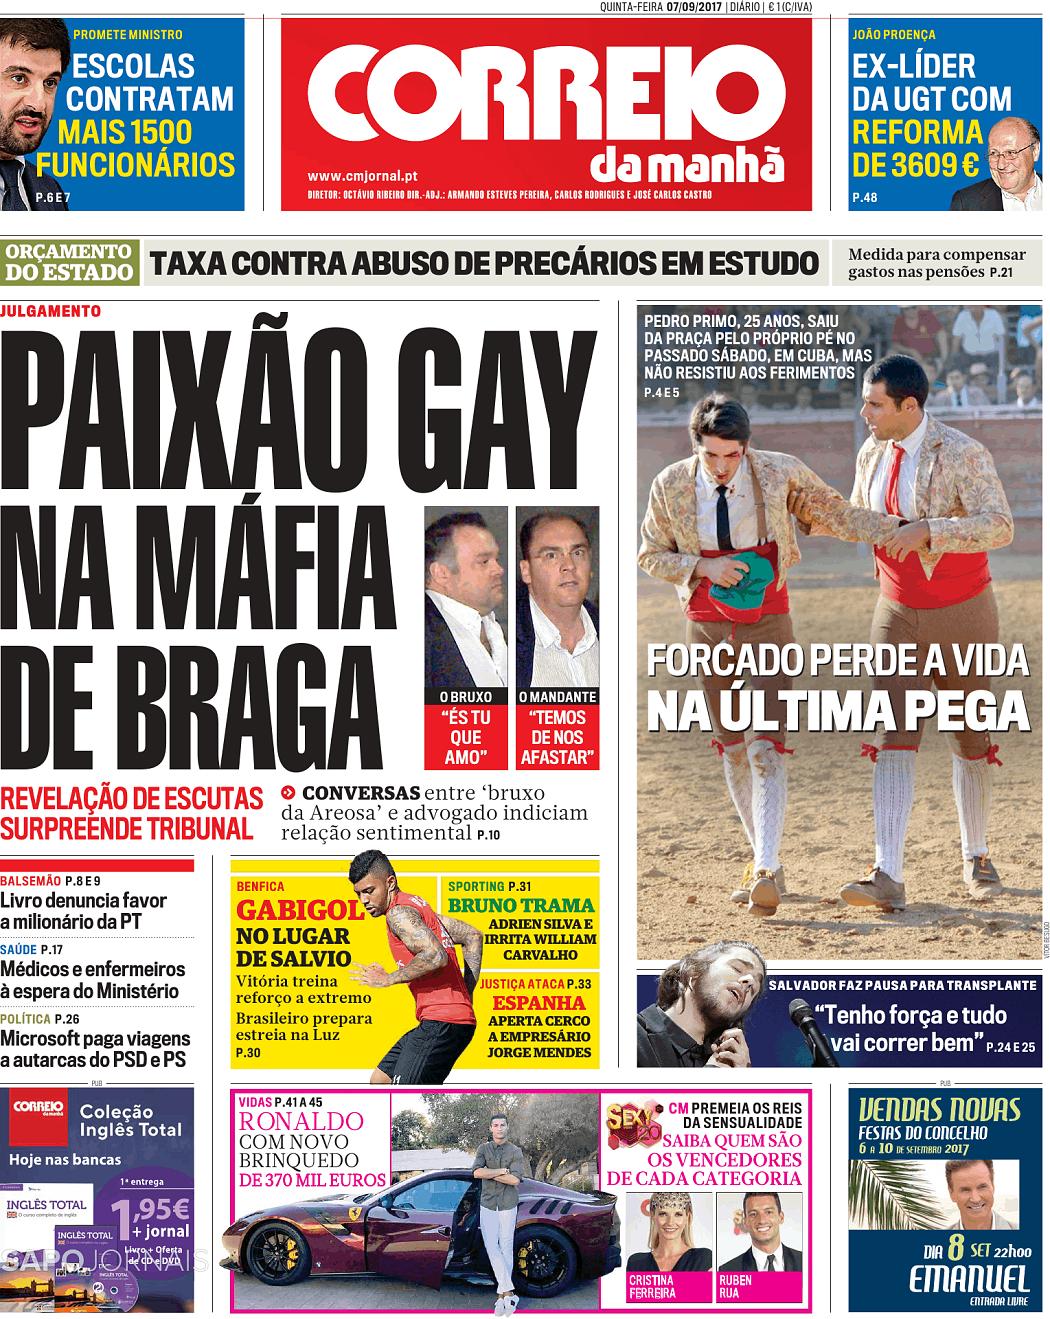 62b13a941 Correio da Manhã (7 set 2017) - Jornais e Revistas - SAPO 24